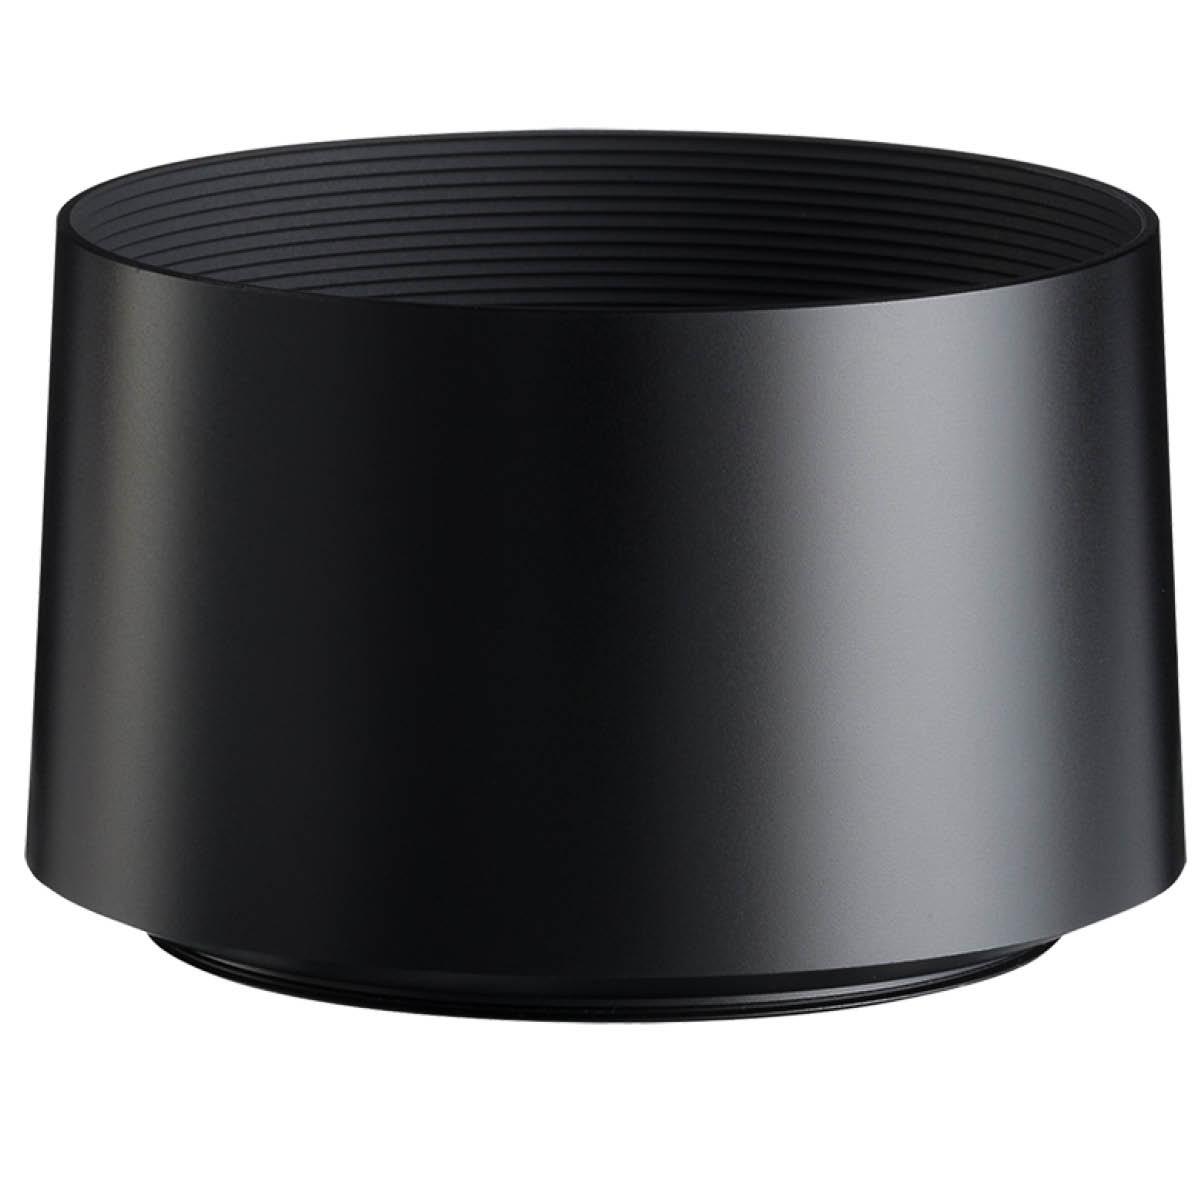 Voigtländer 110 mm 1:2,5 Macro Apo-Lanthar Sony FE